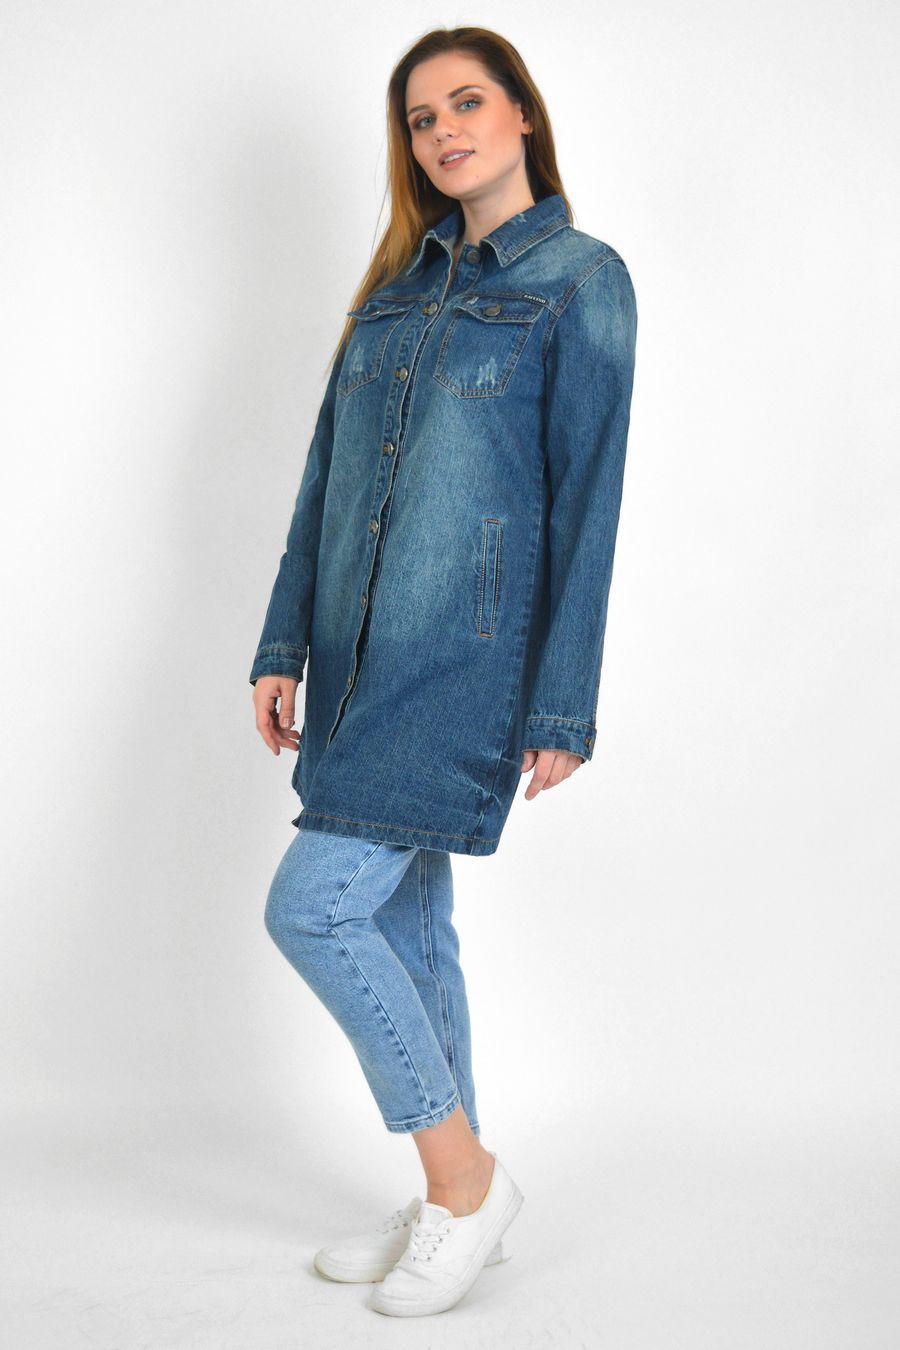 Рубашка женская Baccino 6099 джинсовая - фото 3